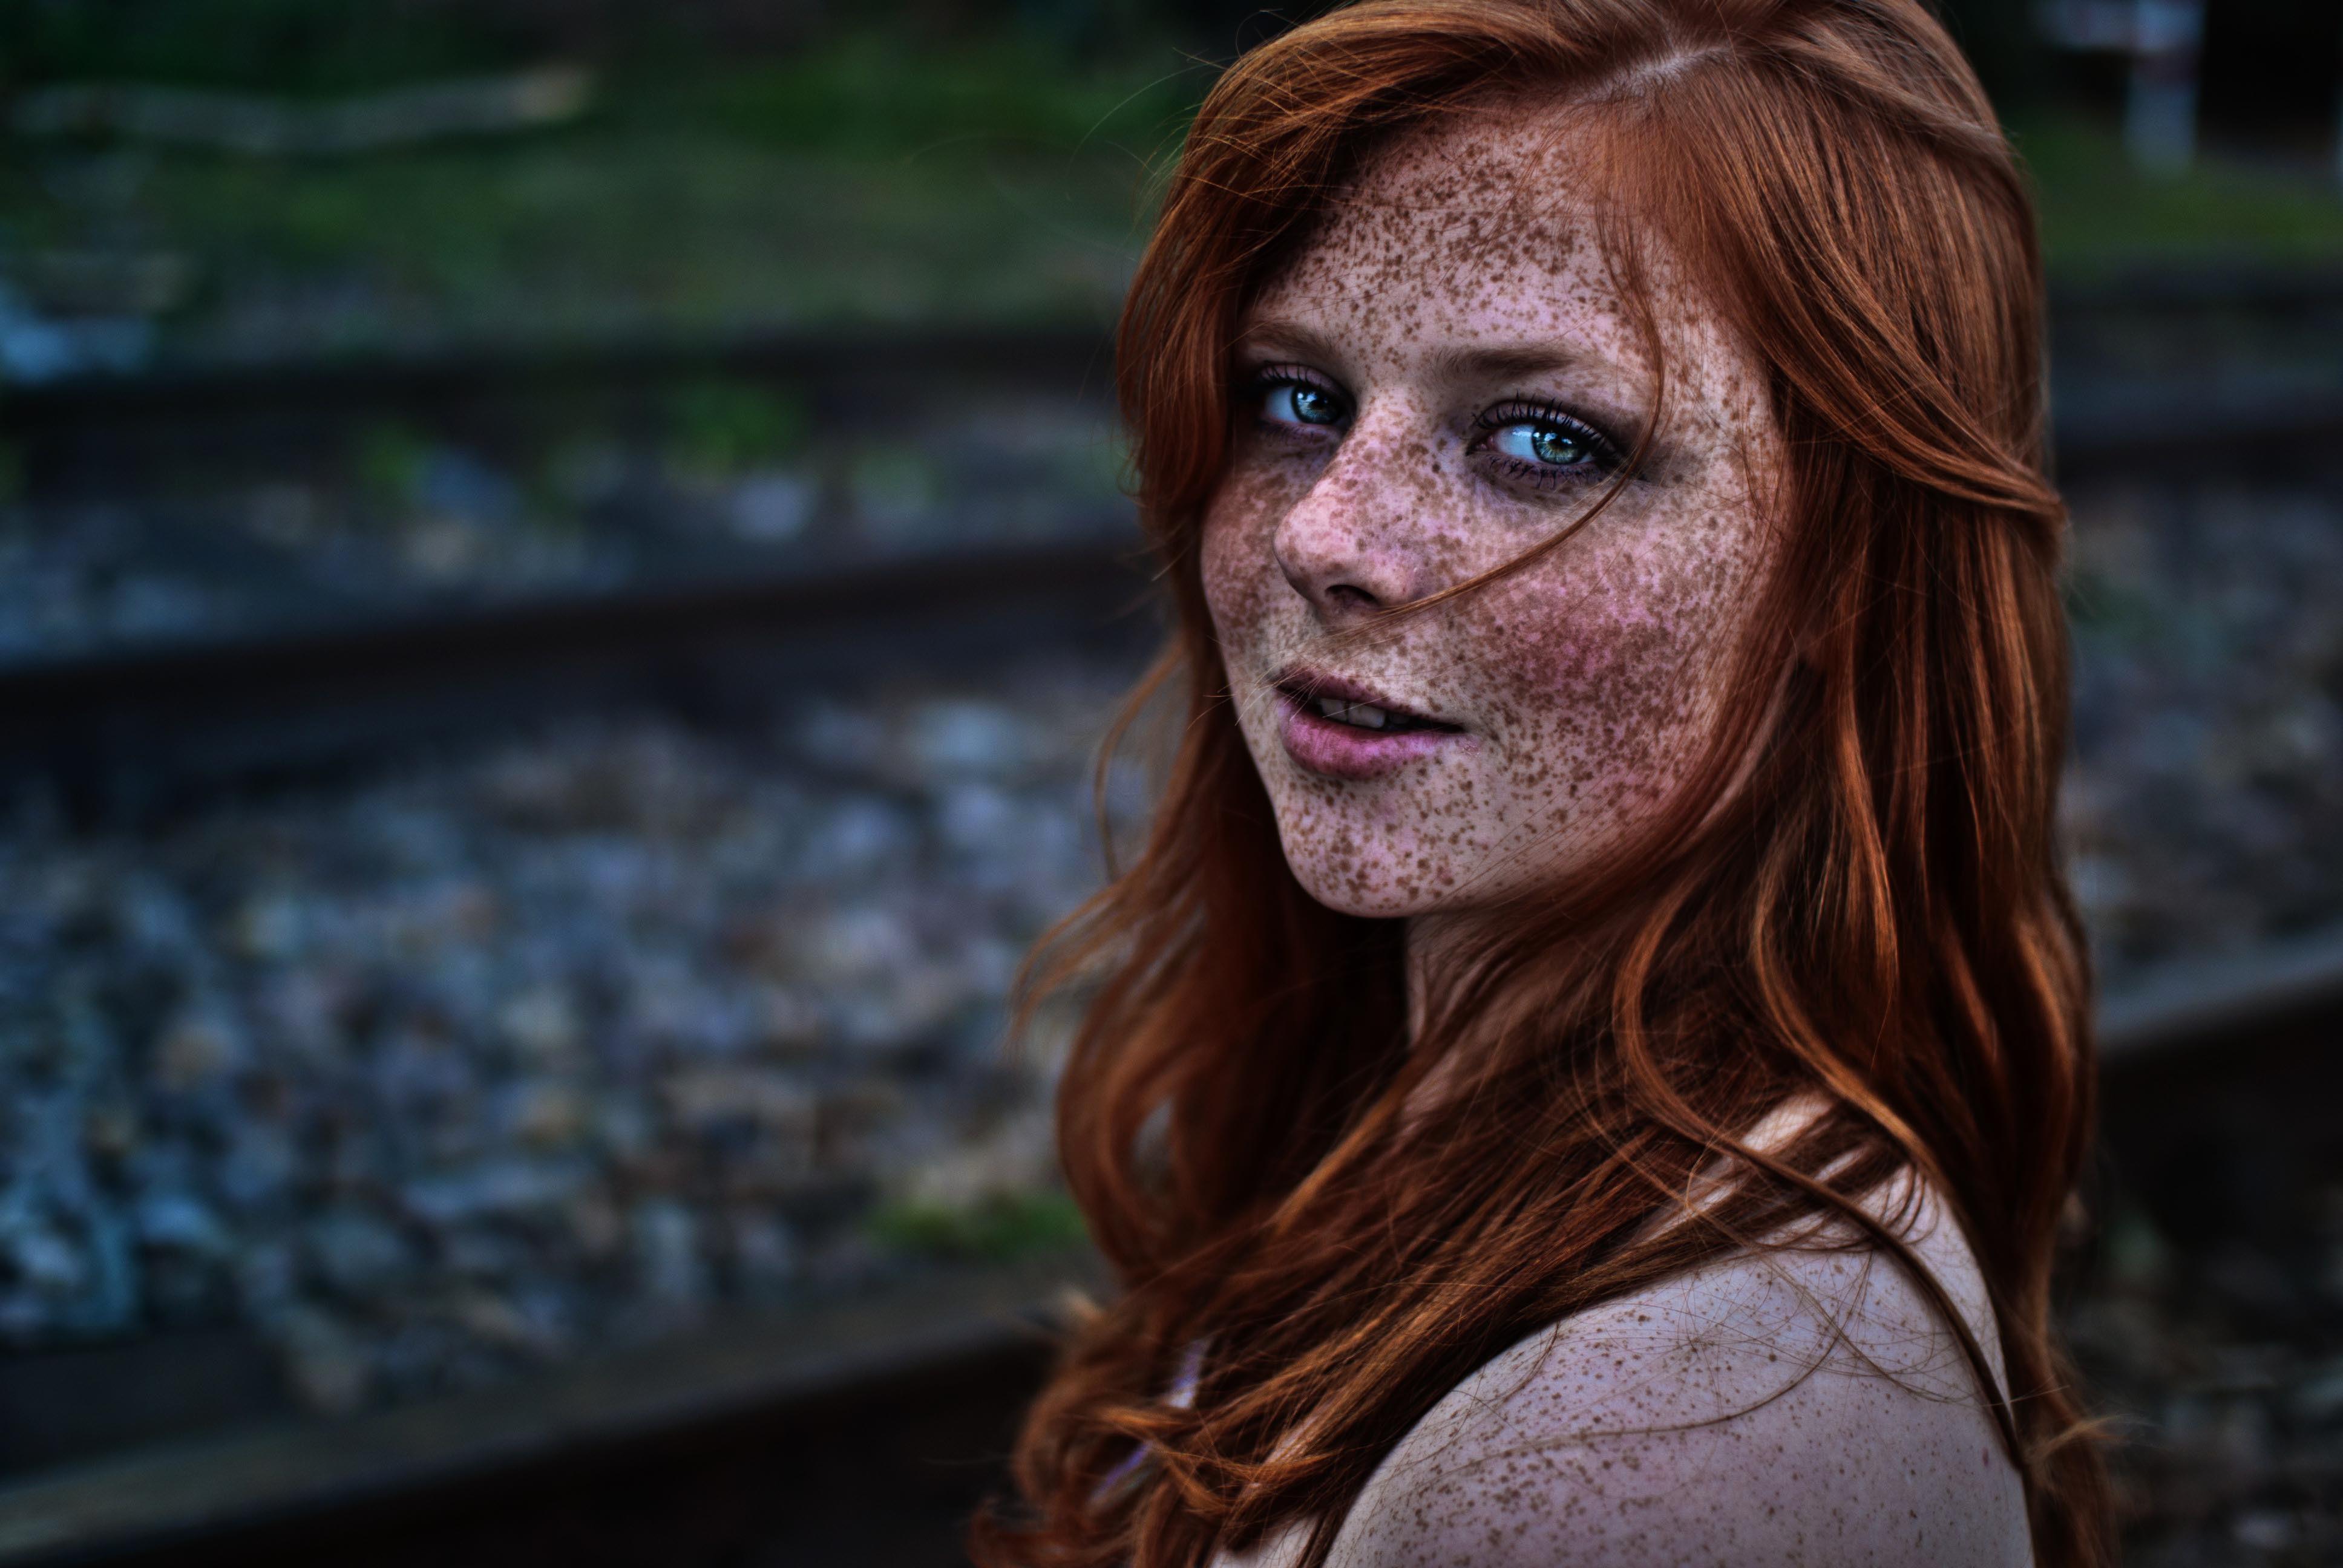 Freckled Girls Desktop Wallpaper